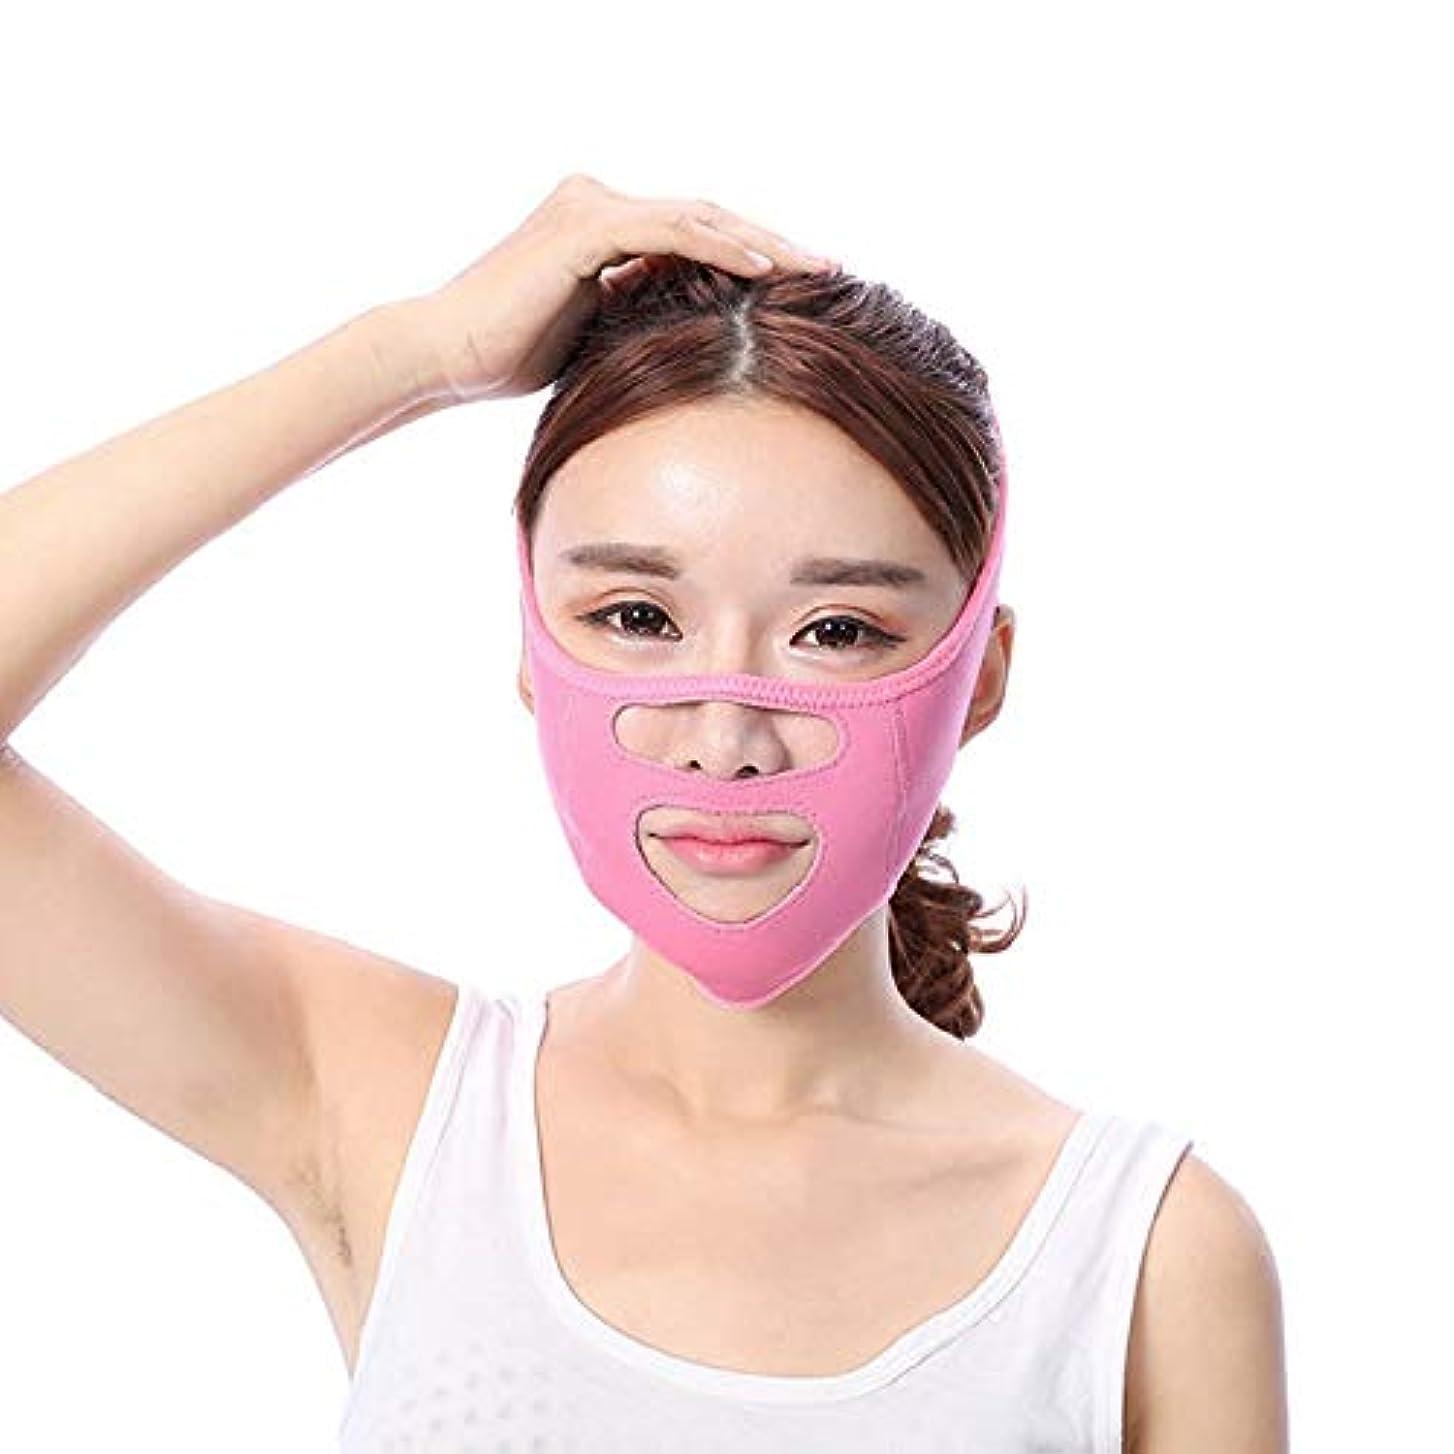 伝導率興奮する連合XINGZHE 顔の持ち上がる痩身ベルト - あなたの顔のための素晴らしいトレーニング二重あごのワークアウトフェイスマスクベルト薄い顔包帯整形マスクは顔と首を締めますフェイススリム フェイスリフティングベルト